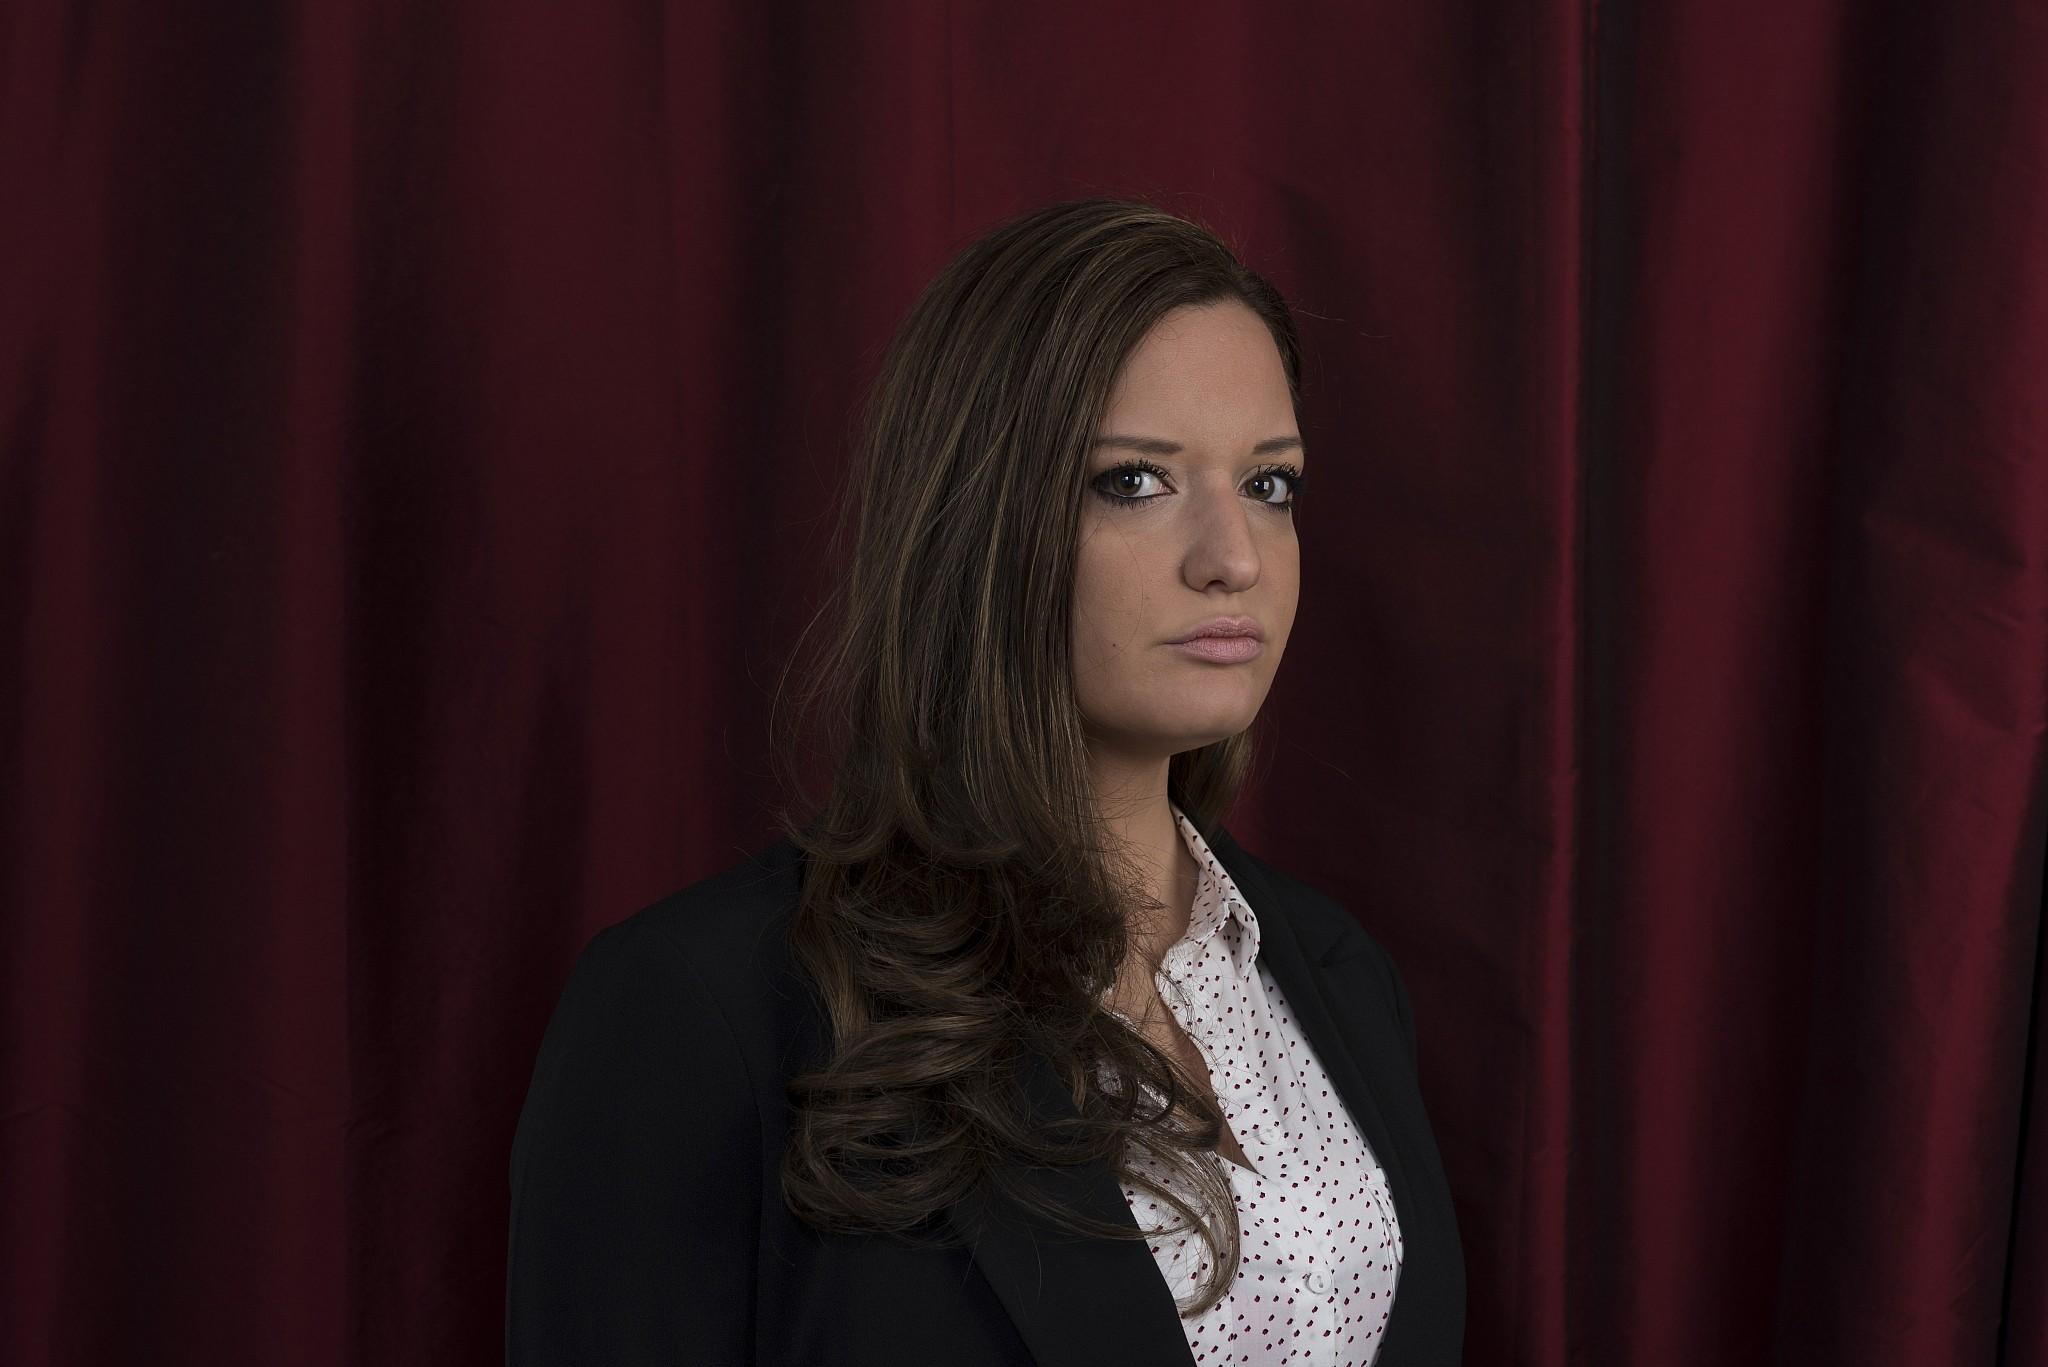 French journalist Noémie Halioua, author of 'L'affaire Sarah Halimi' (Hannah Assouline/Editions du Cerf)